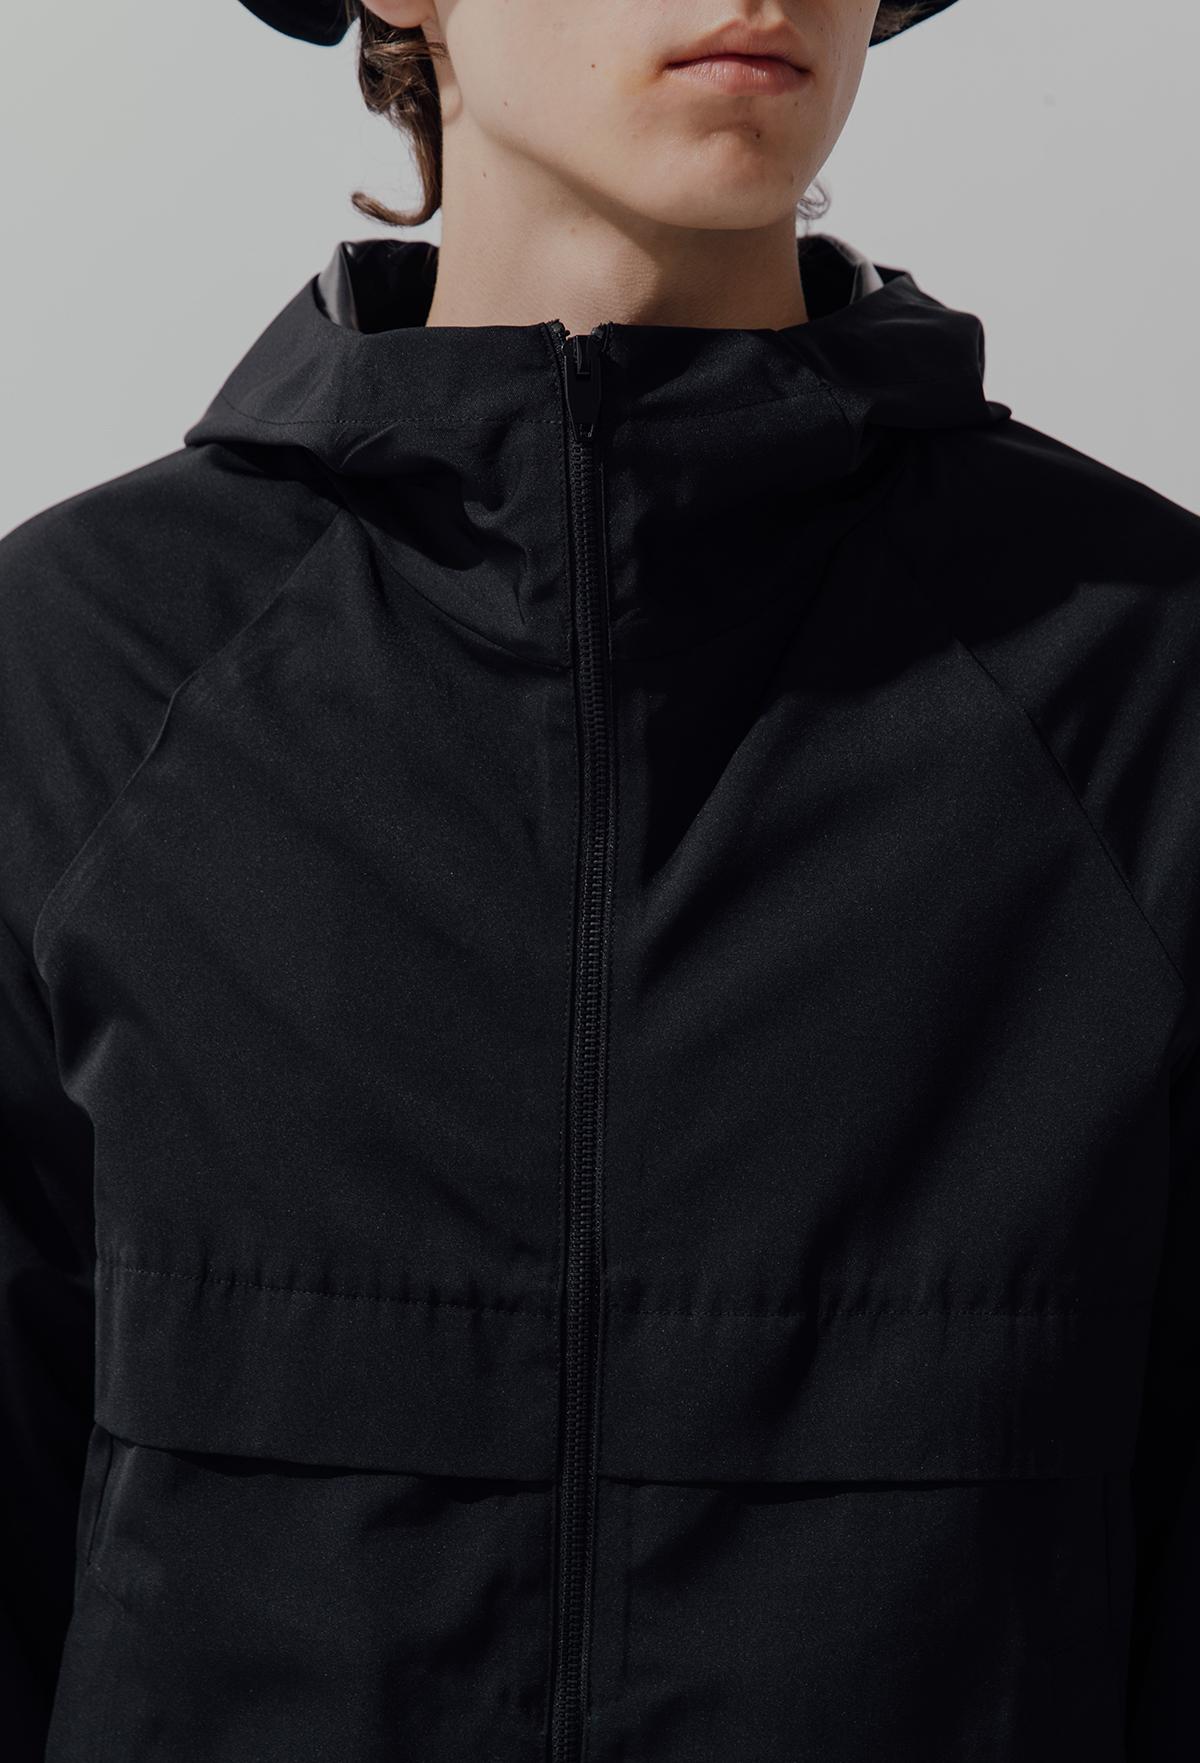 KAMI ANGER独立设计师品牌秋季防水机能黑色休闲男装连帽风衣外套